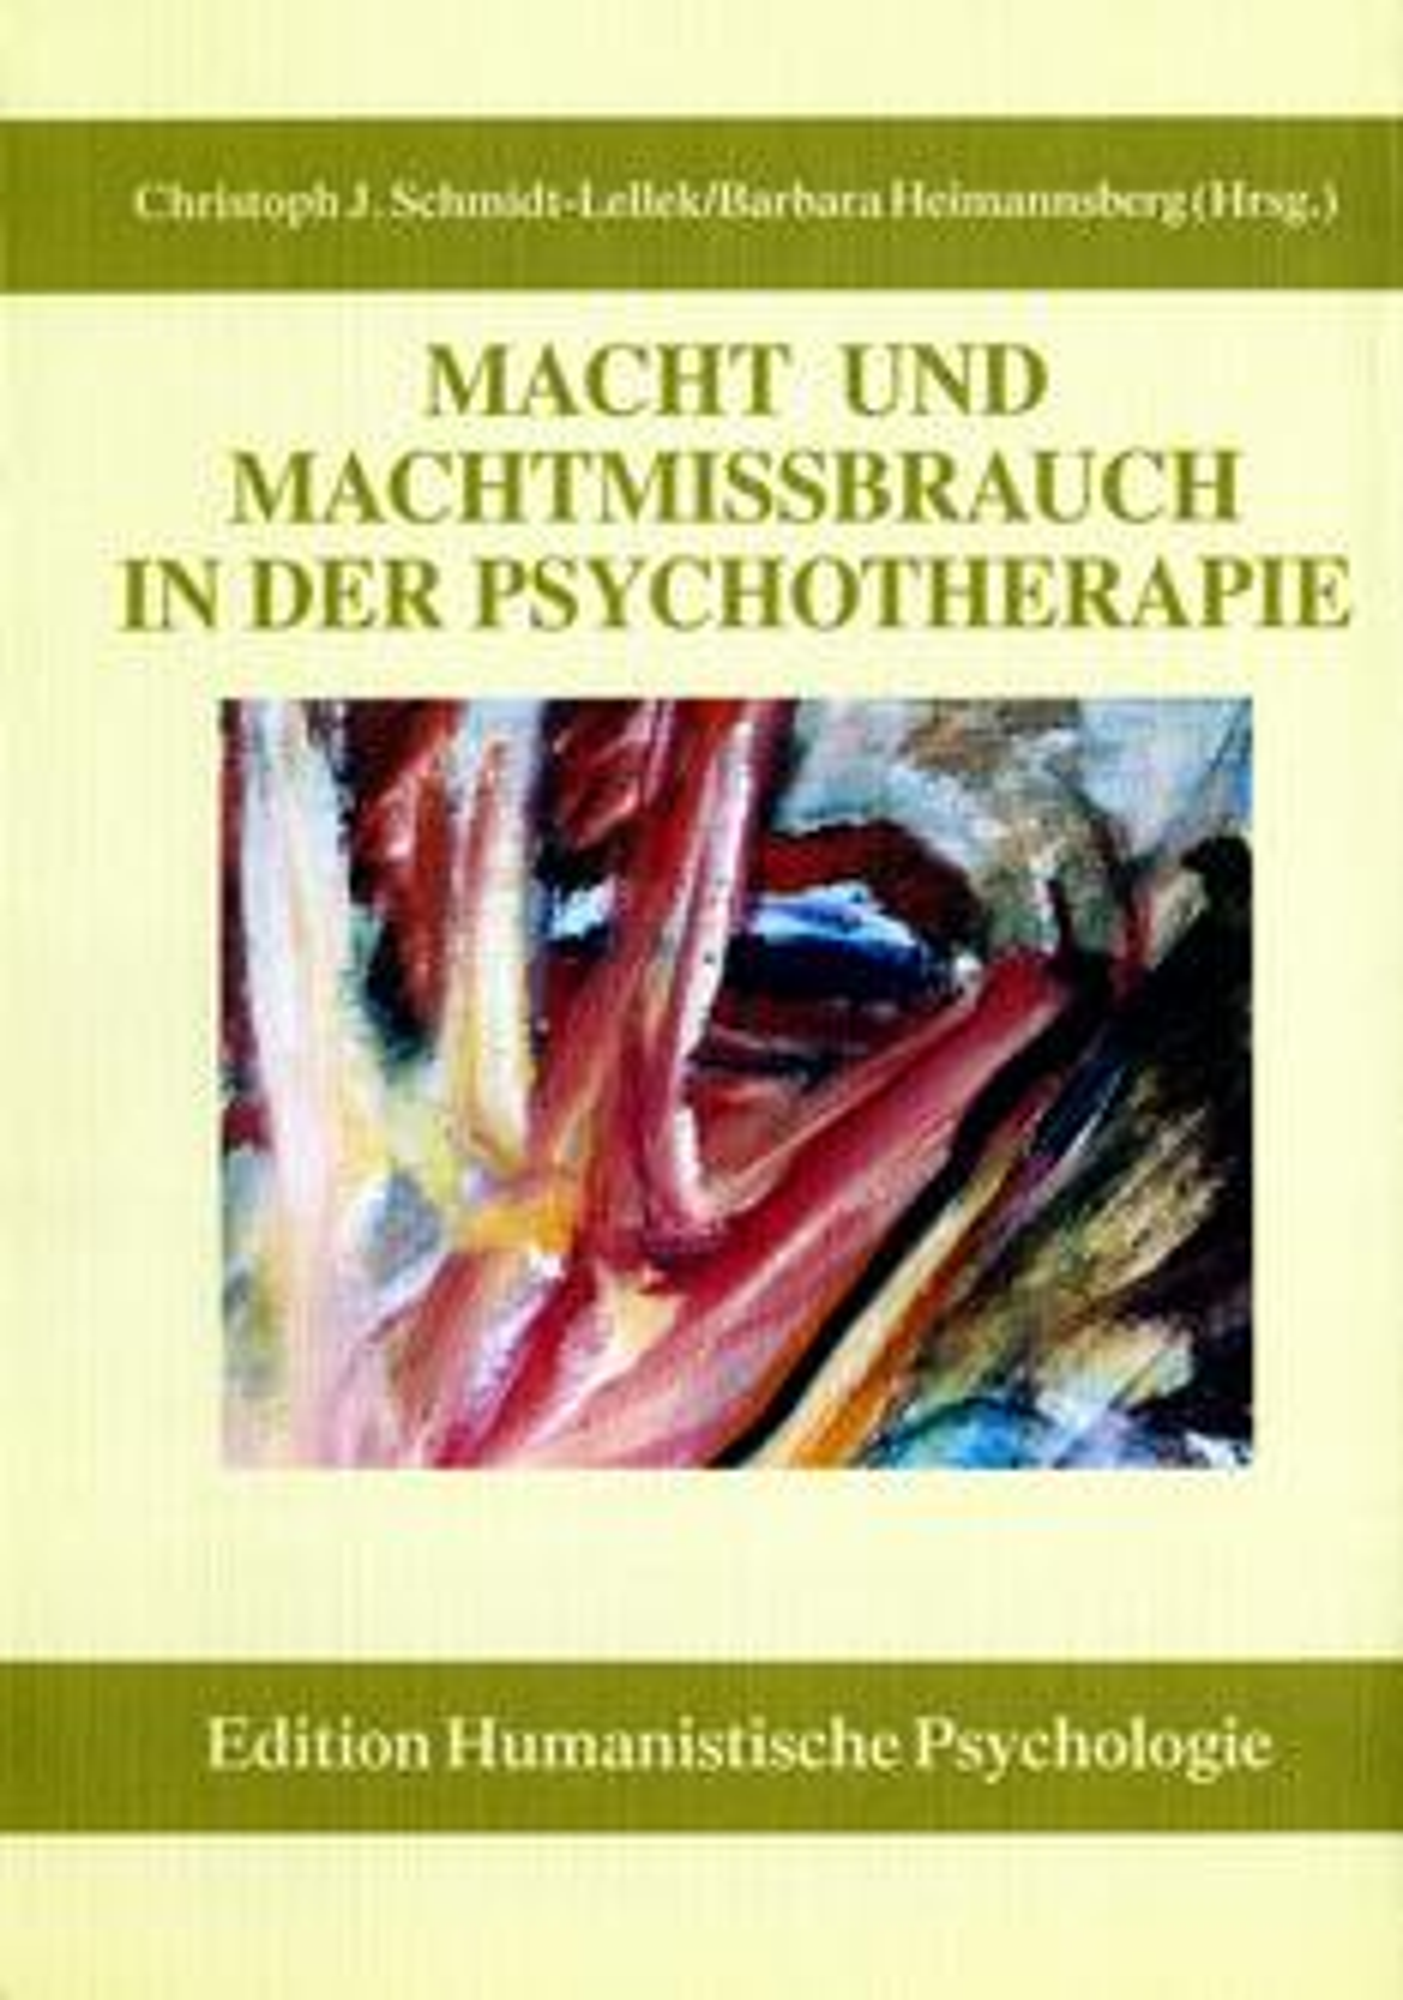 Macht und Machtmissbrauch in der Psychotherapie